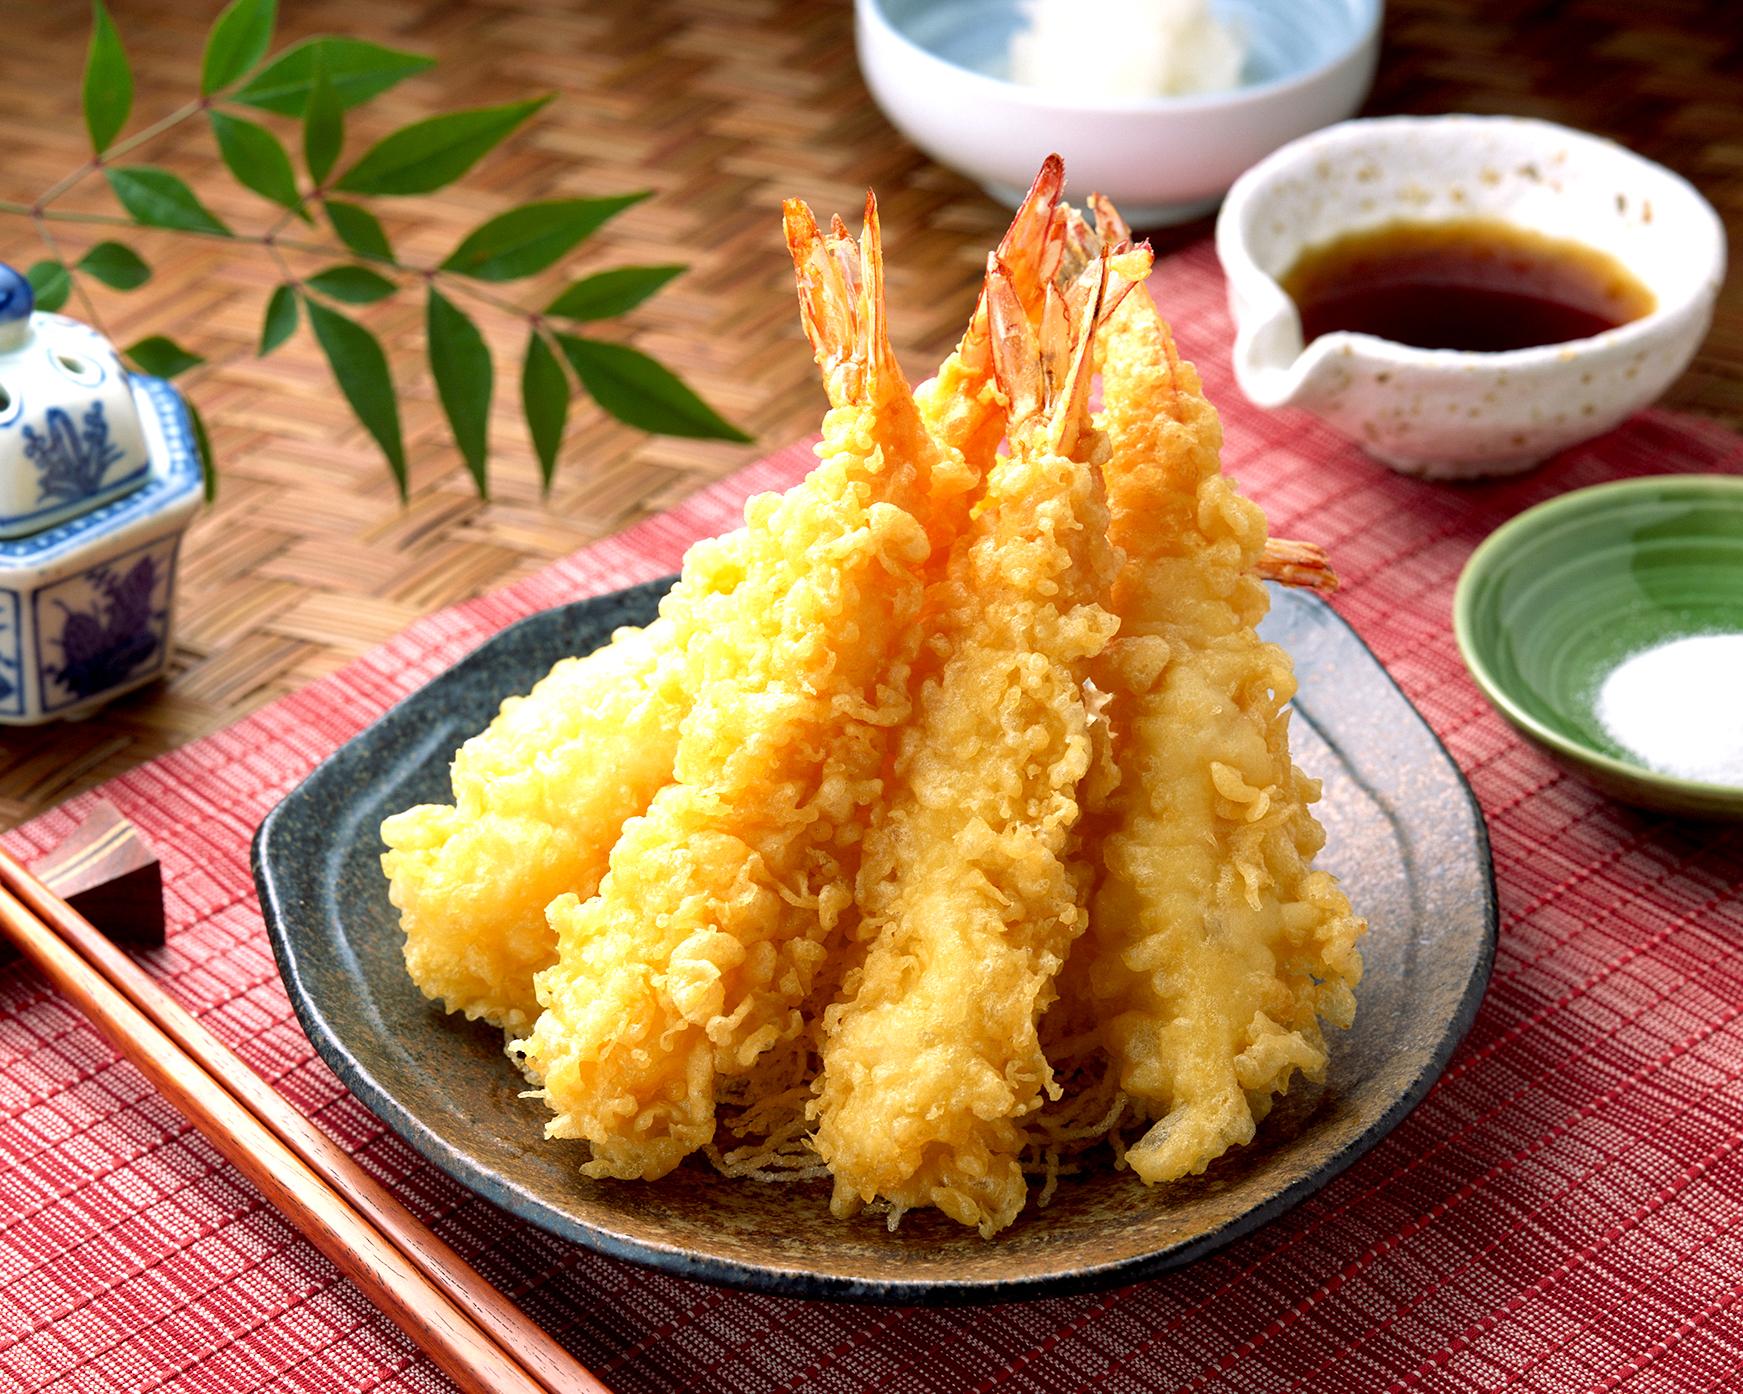 Tempura_Shrimp_San_Francisco_Japanese_Restaurant_Kui_Shin_Bo.JPG